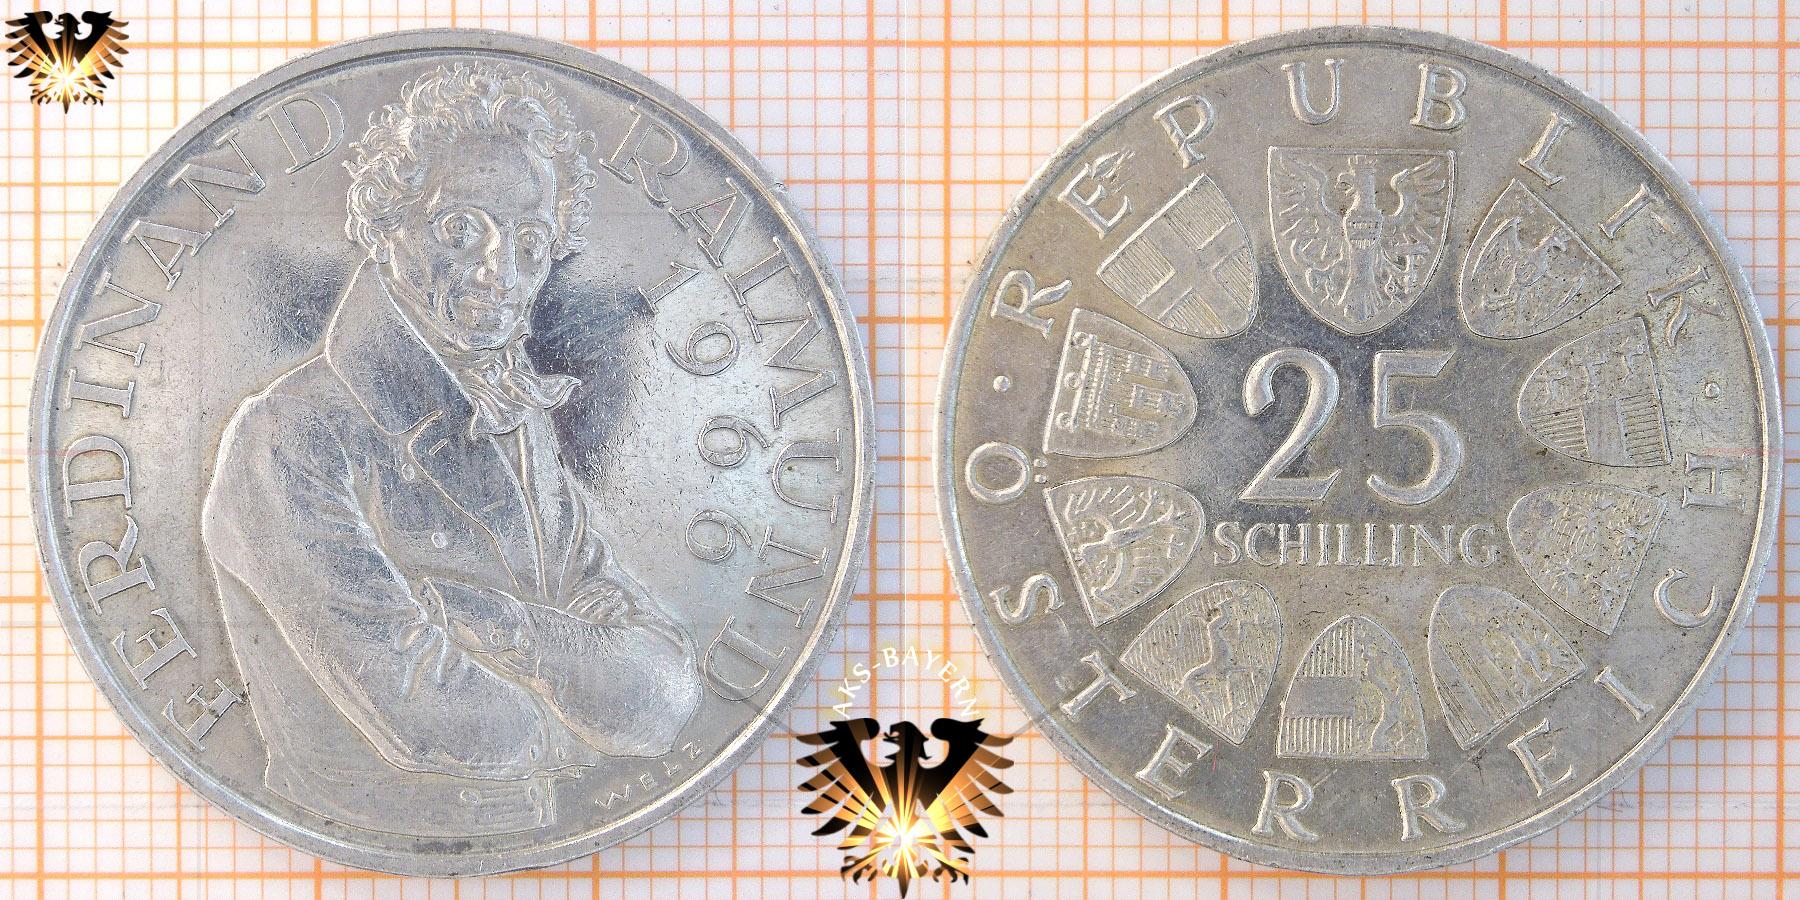 25 Schilling 1966 Ferdinand Raimund österreich Silber Gedenkmünze